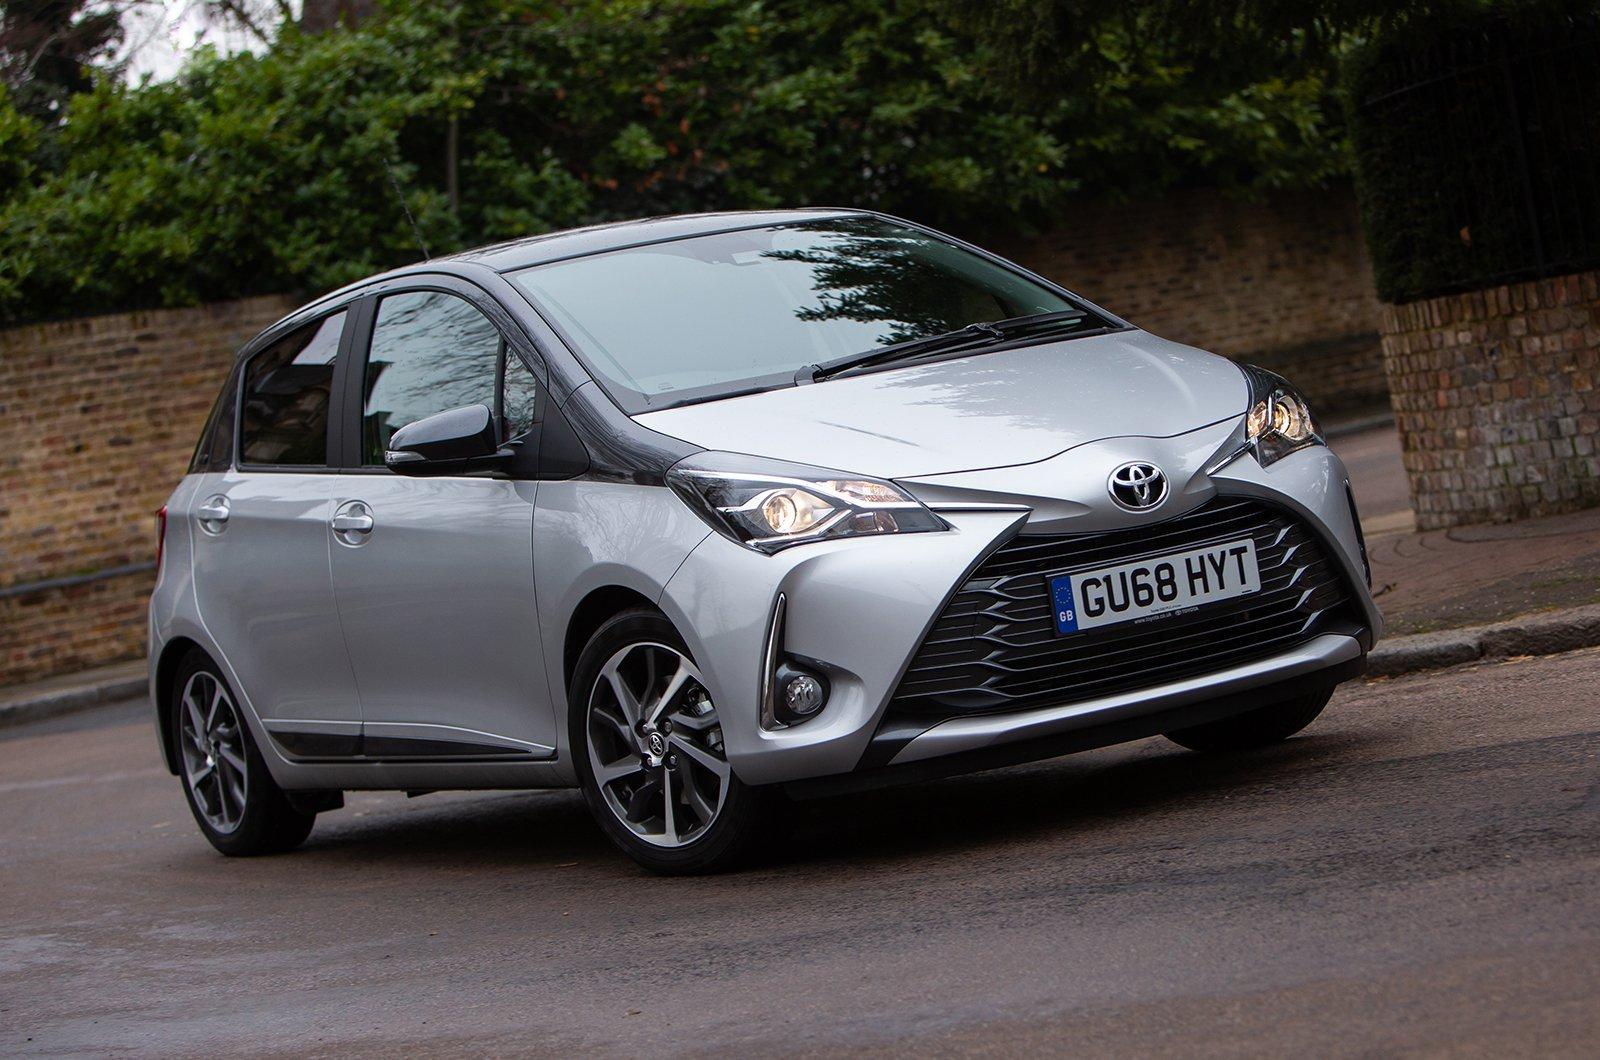 Експерти назвали найнадійніші типи автомобілів